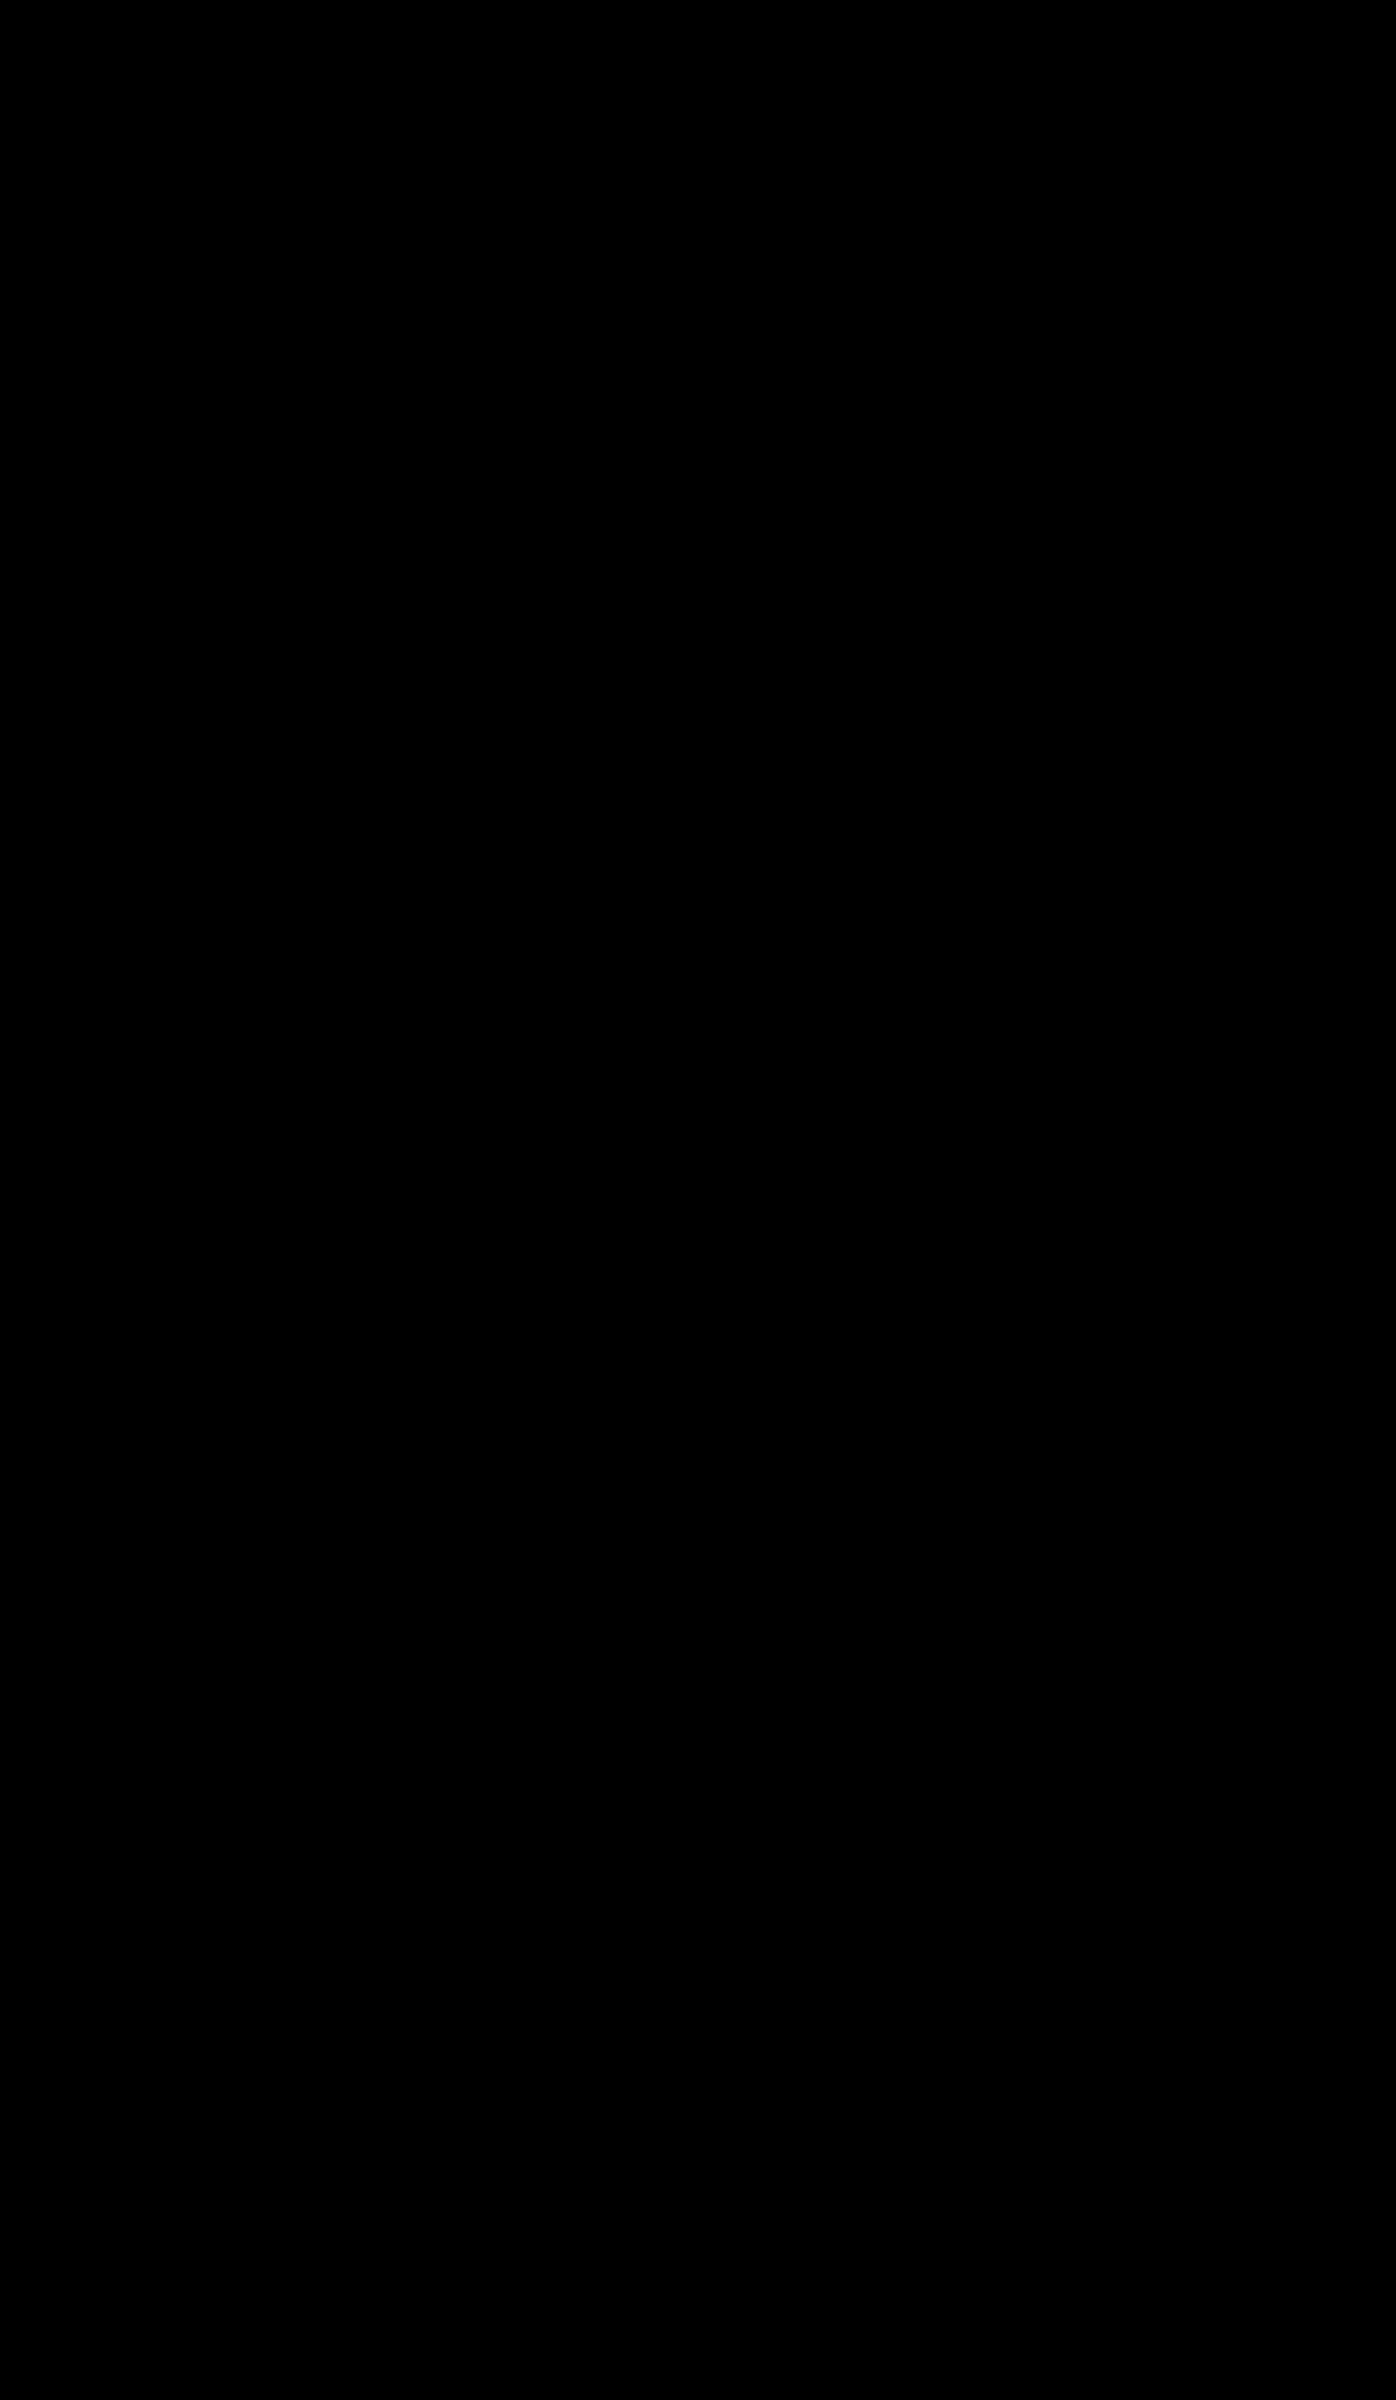 Clip Art Logo 96 - ClipArt Best